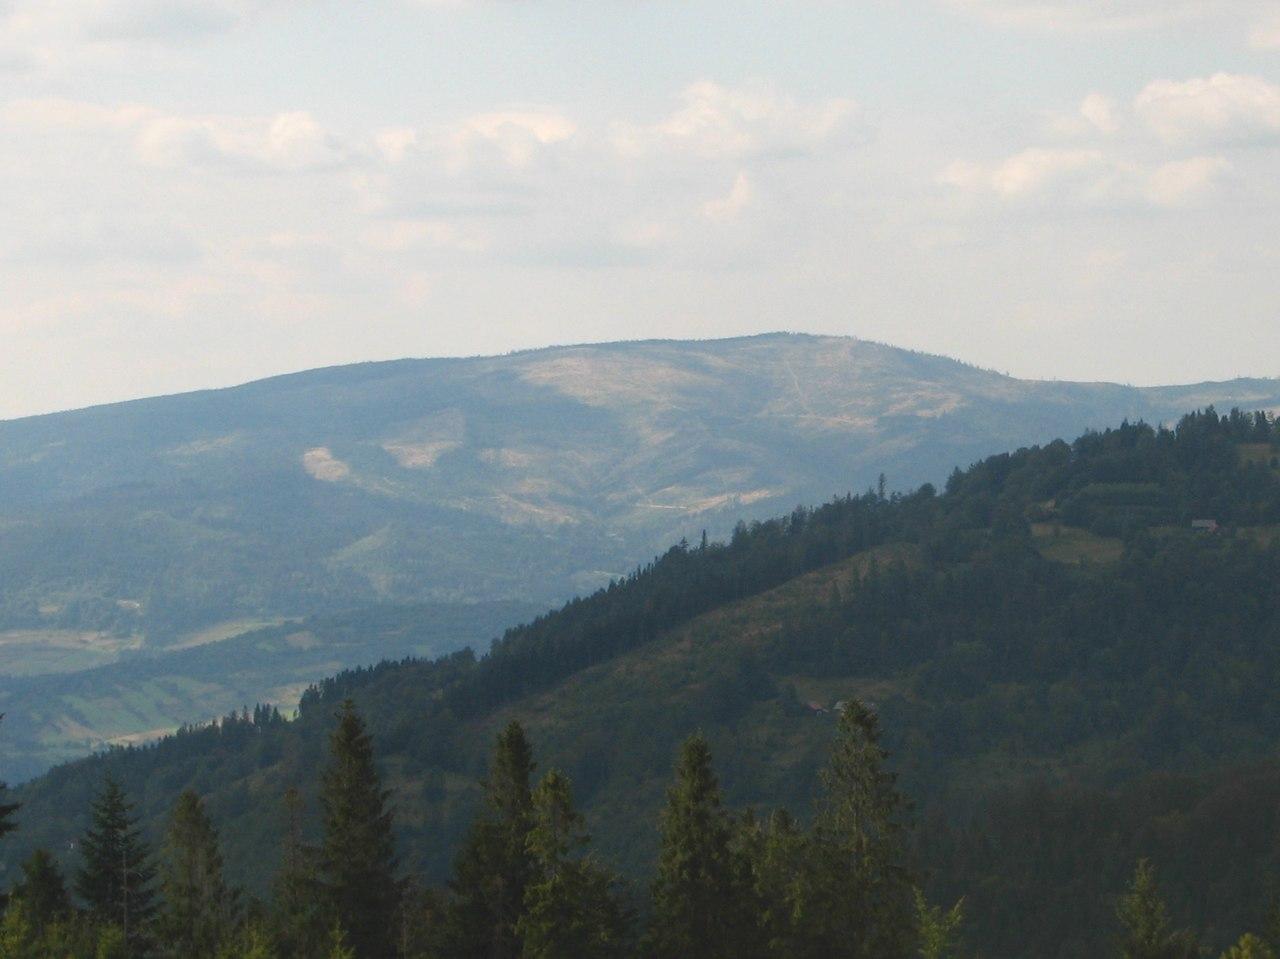 Barania góra, piękny cel wycieczek w okolicach Jeziora Żywieckiego